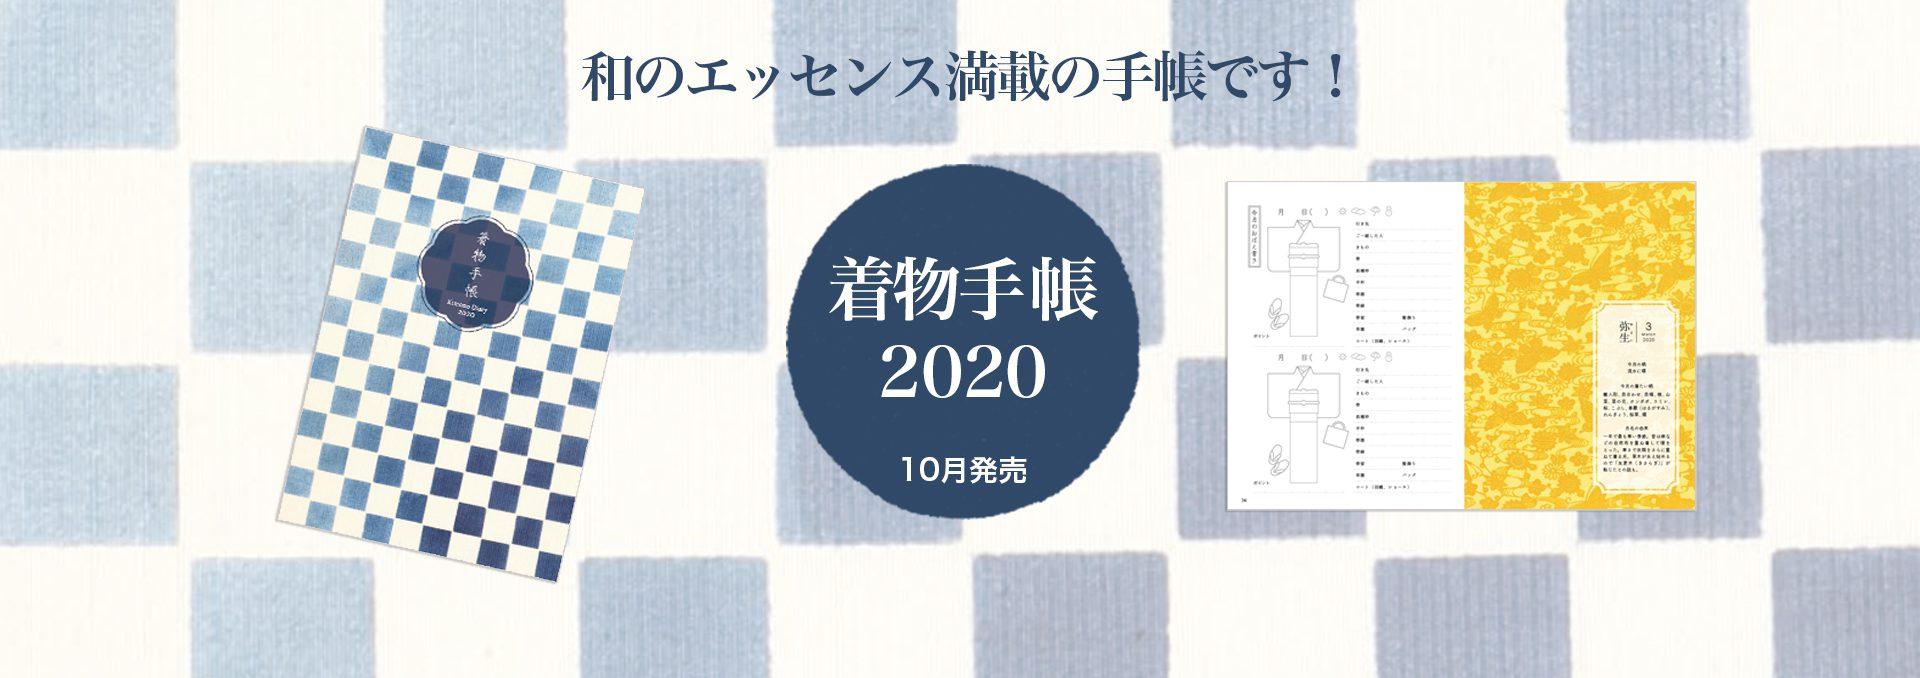 2020_sl_1-0x0